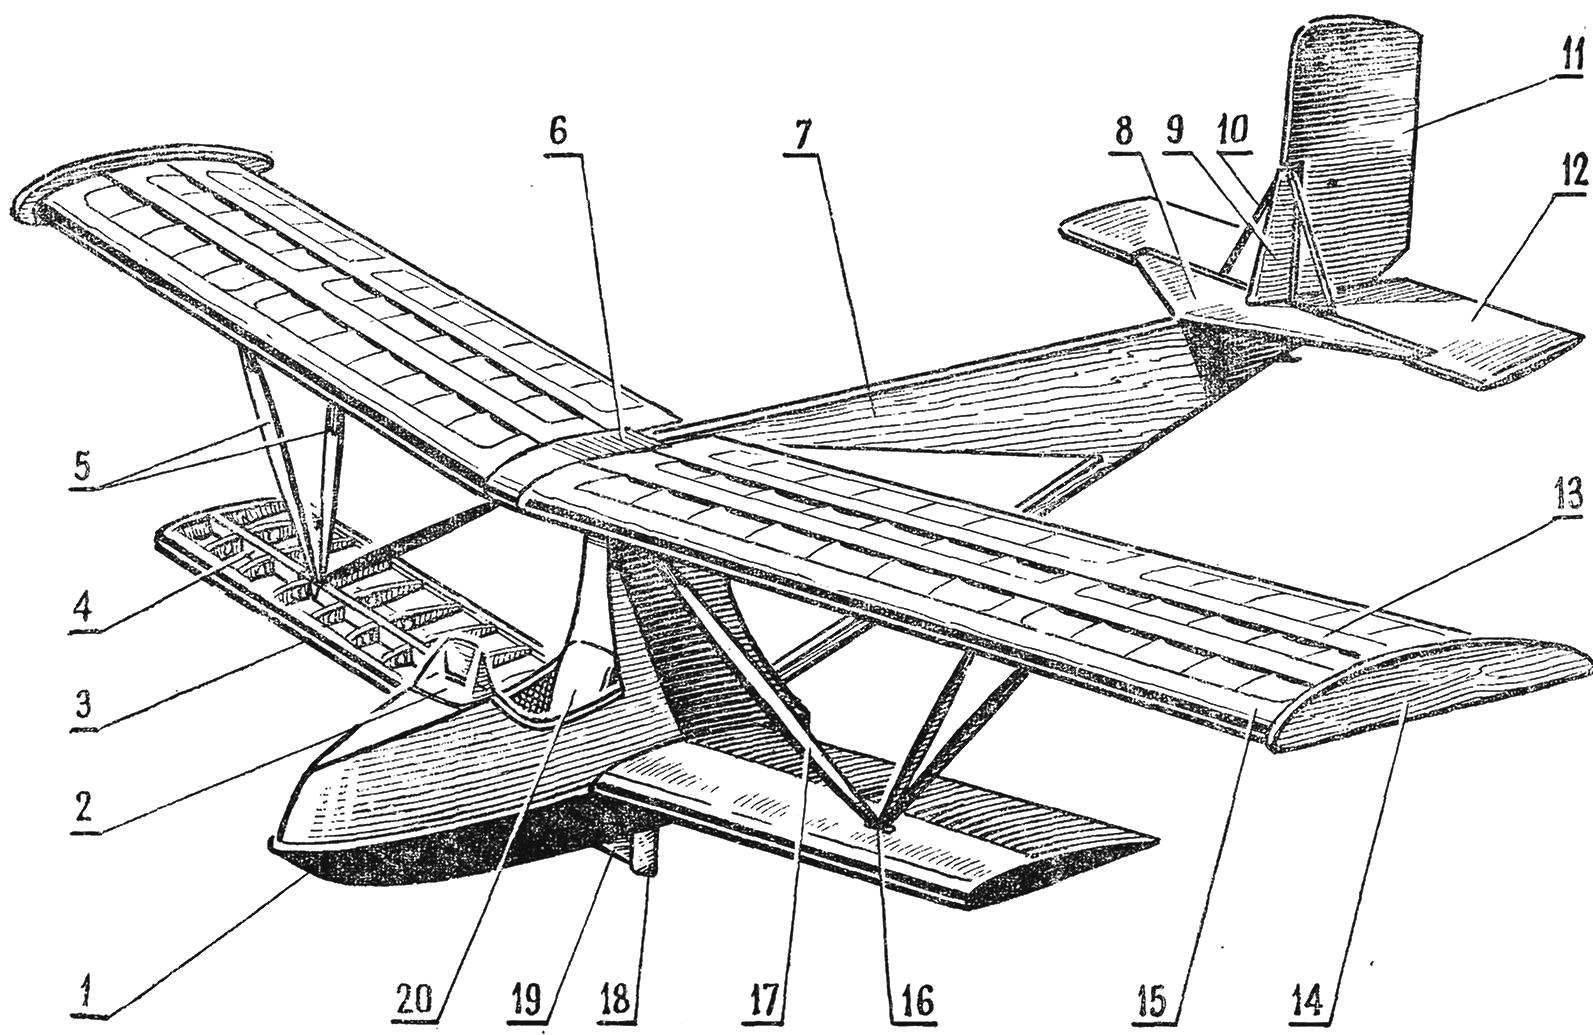 Рис. 2. Общая компоновка гидропланера БРО-17У